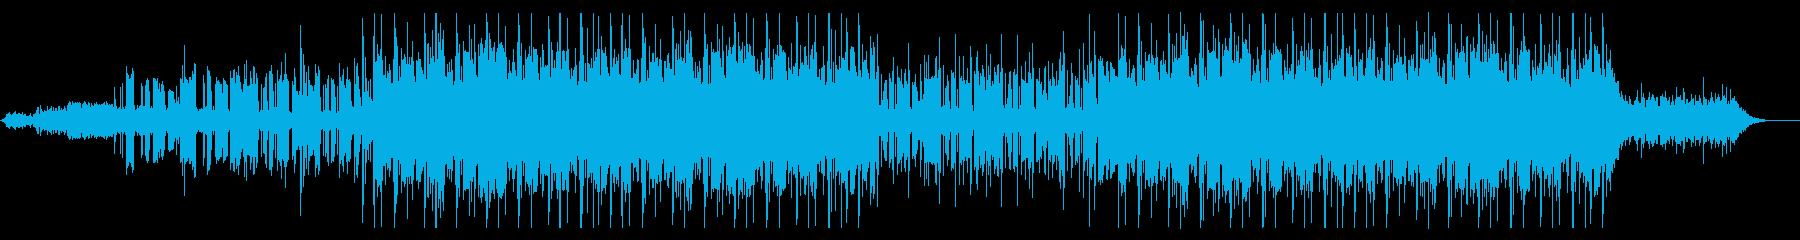 ネオソウルギターとヒップホップの再生済みの波形